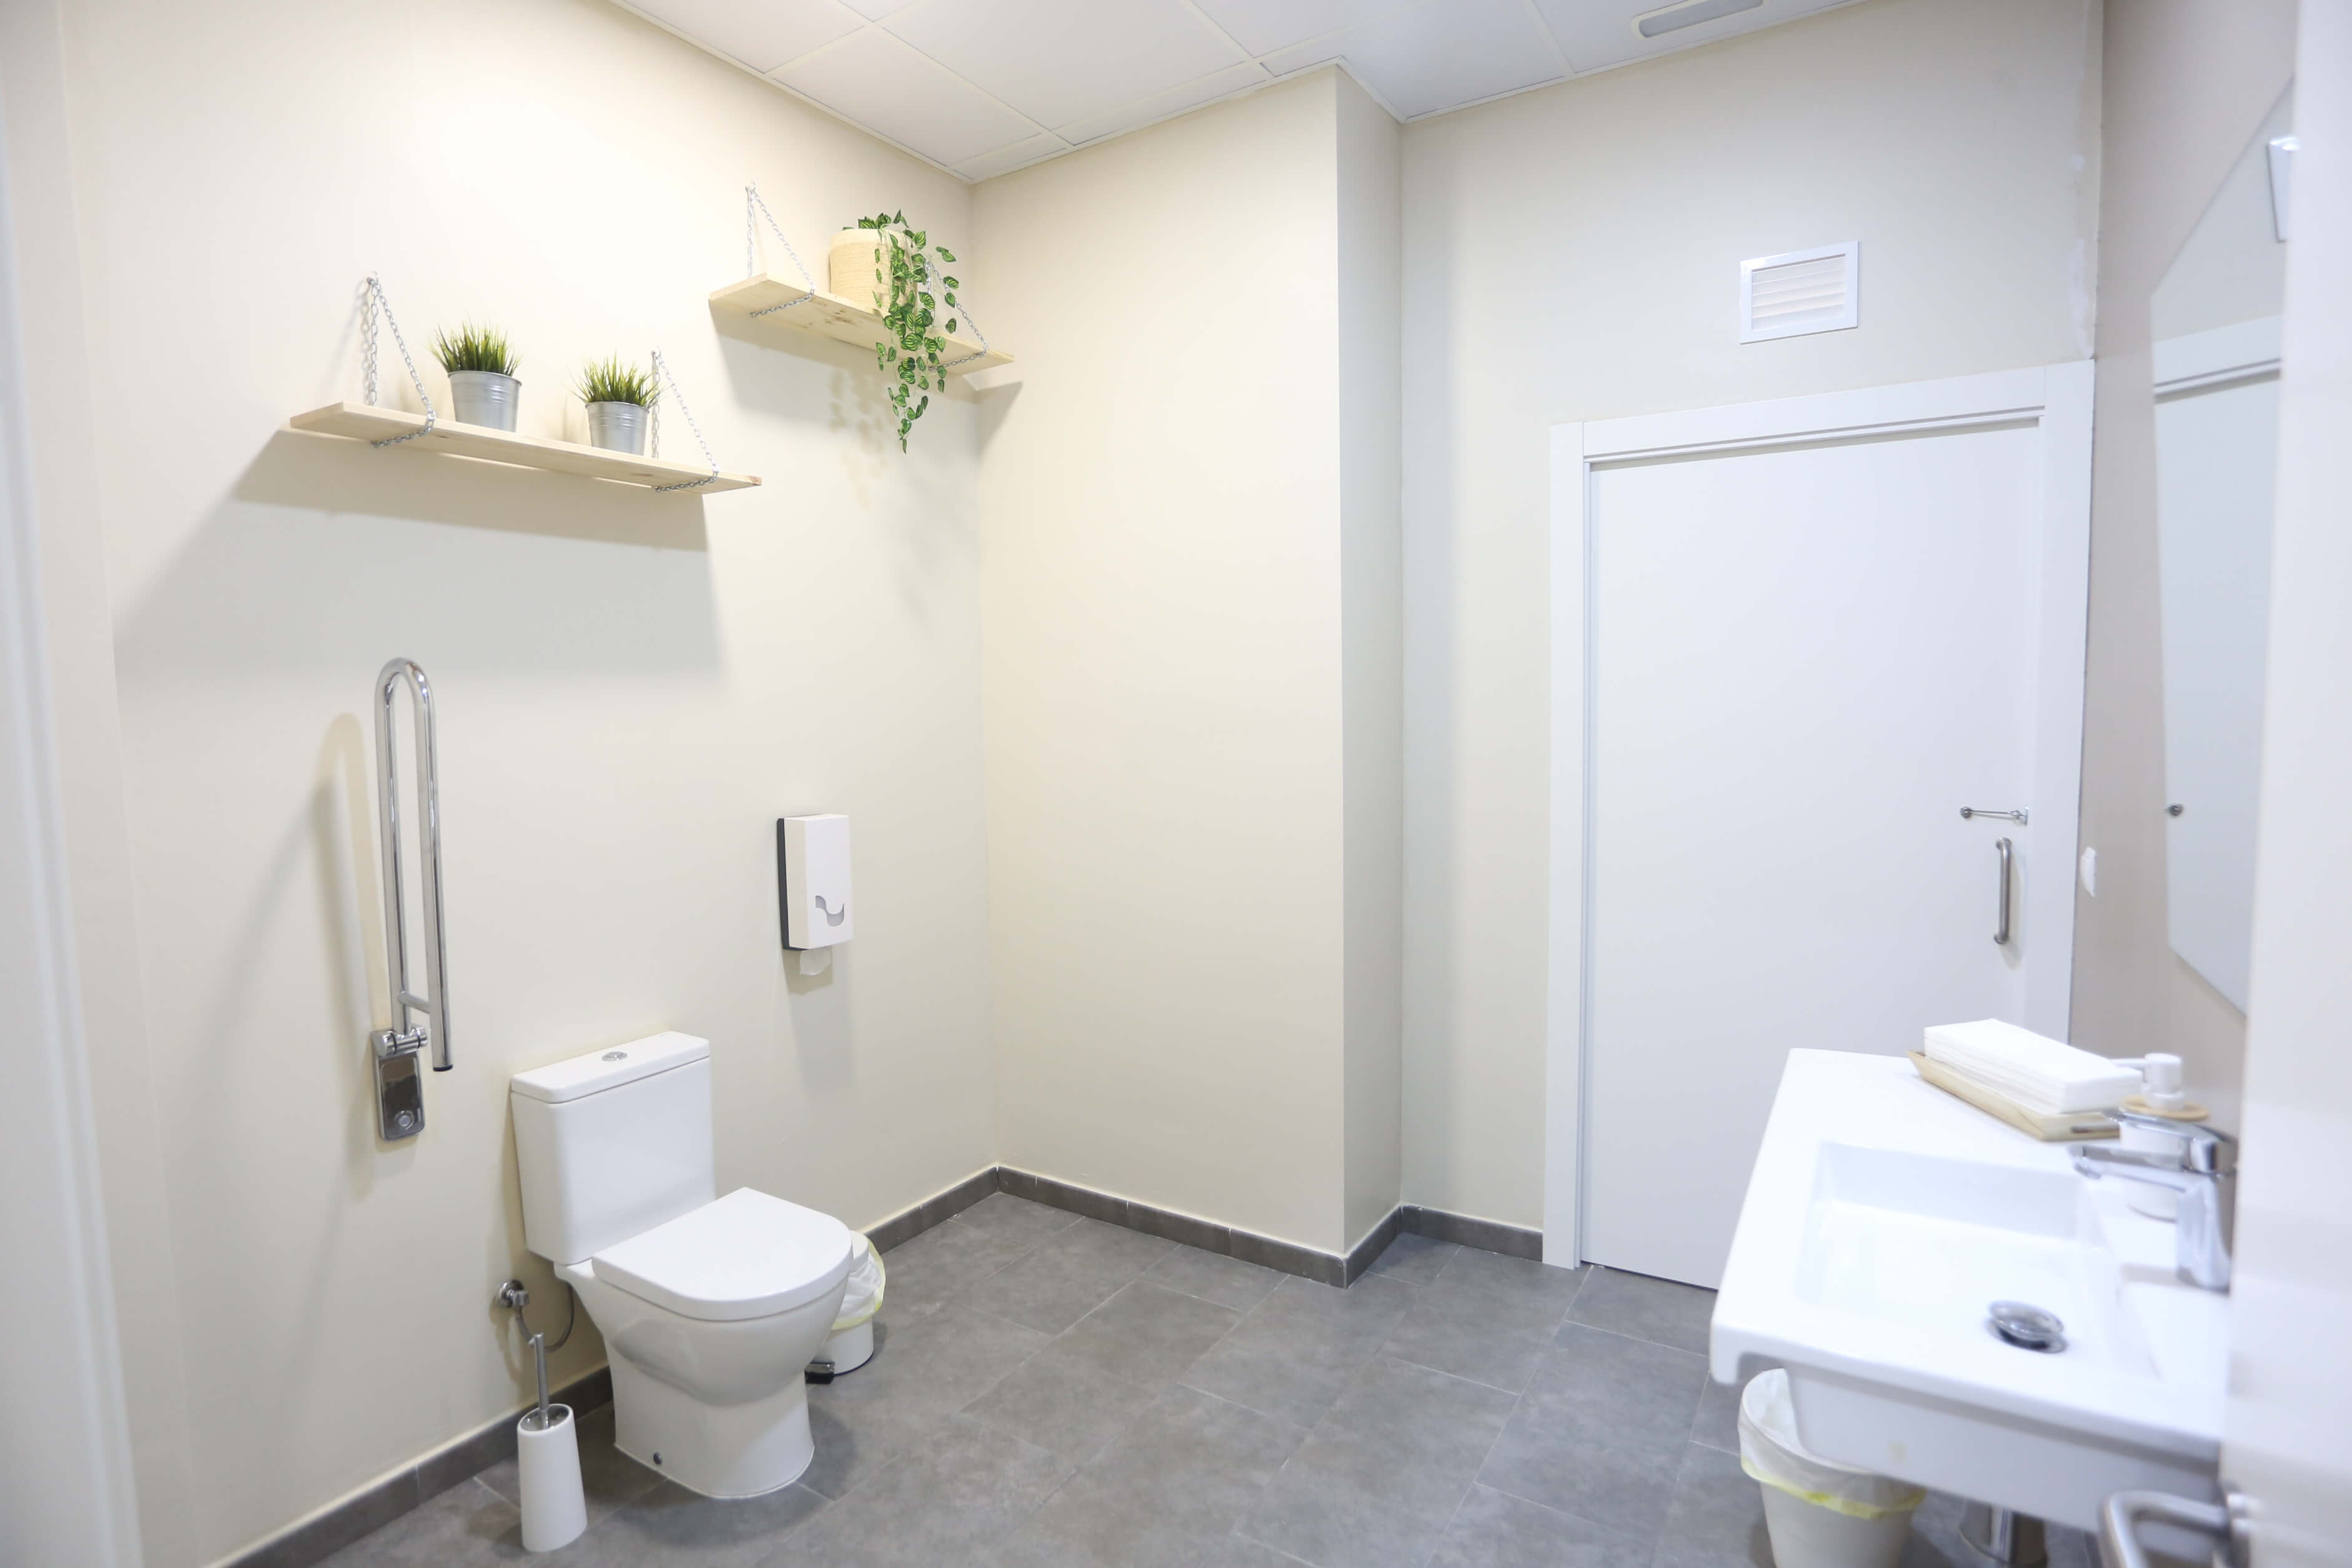 Detall dels accessoris d'higiene que pots trobar als banys de les nostres instal·lacions